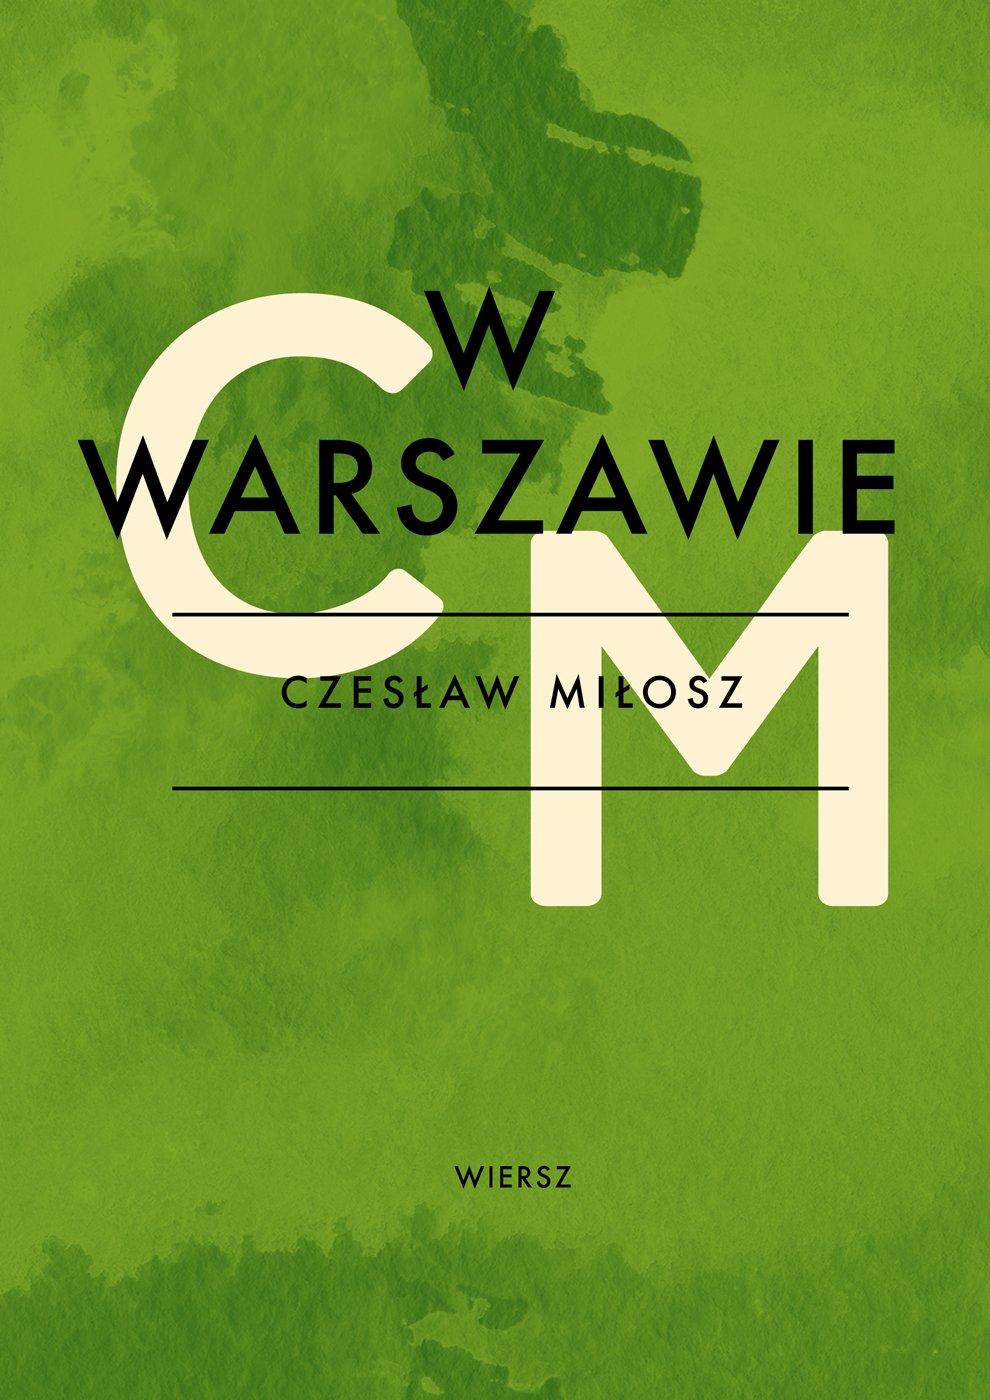 W Warszawie Czesław Miłosz Ebook Virtualopl